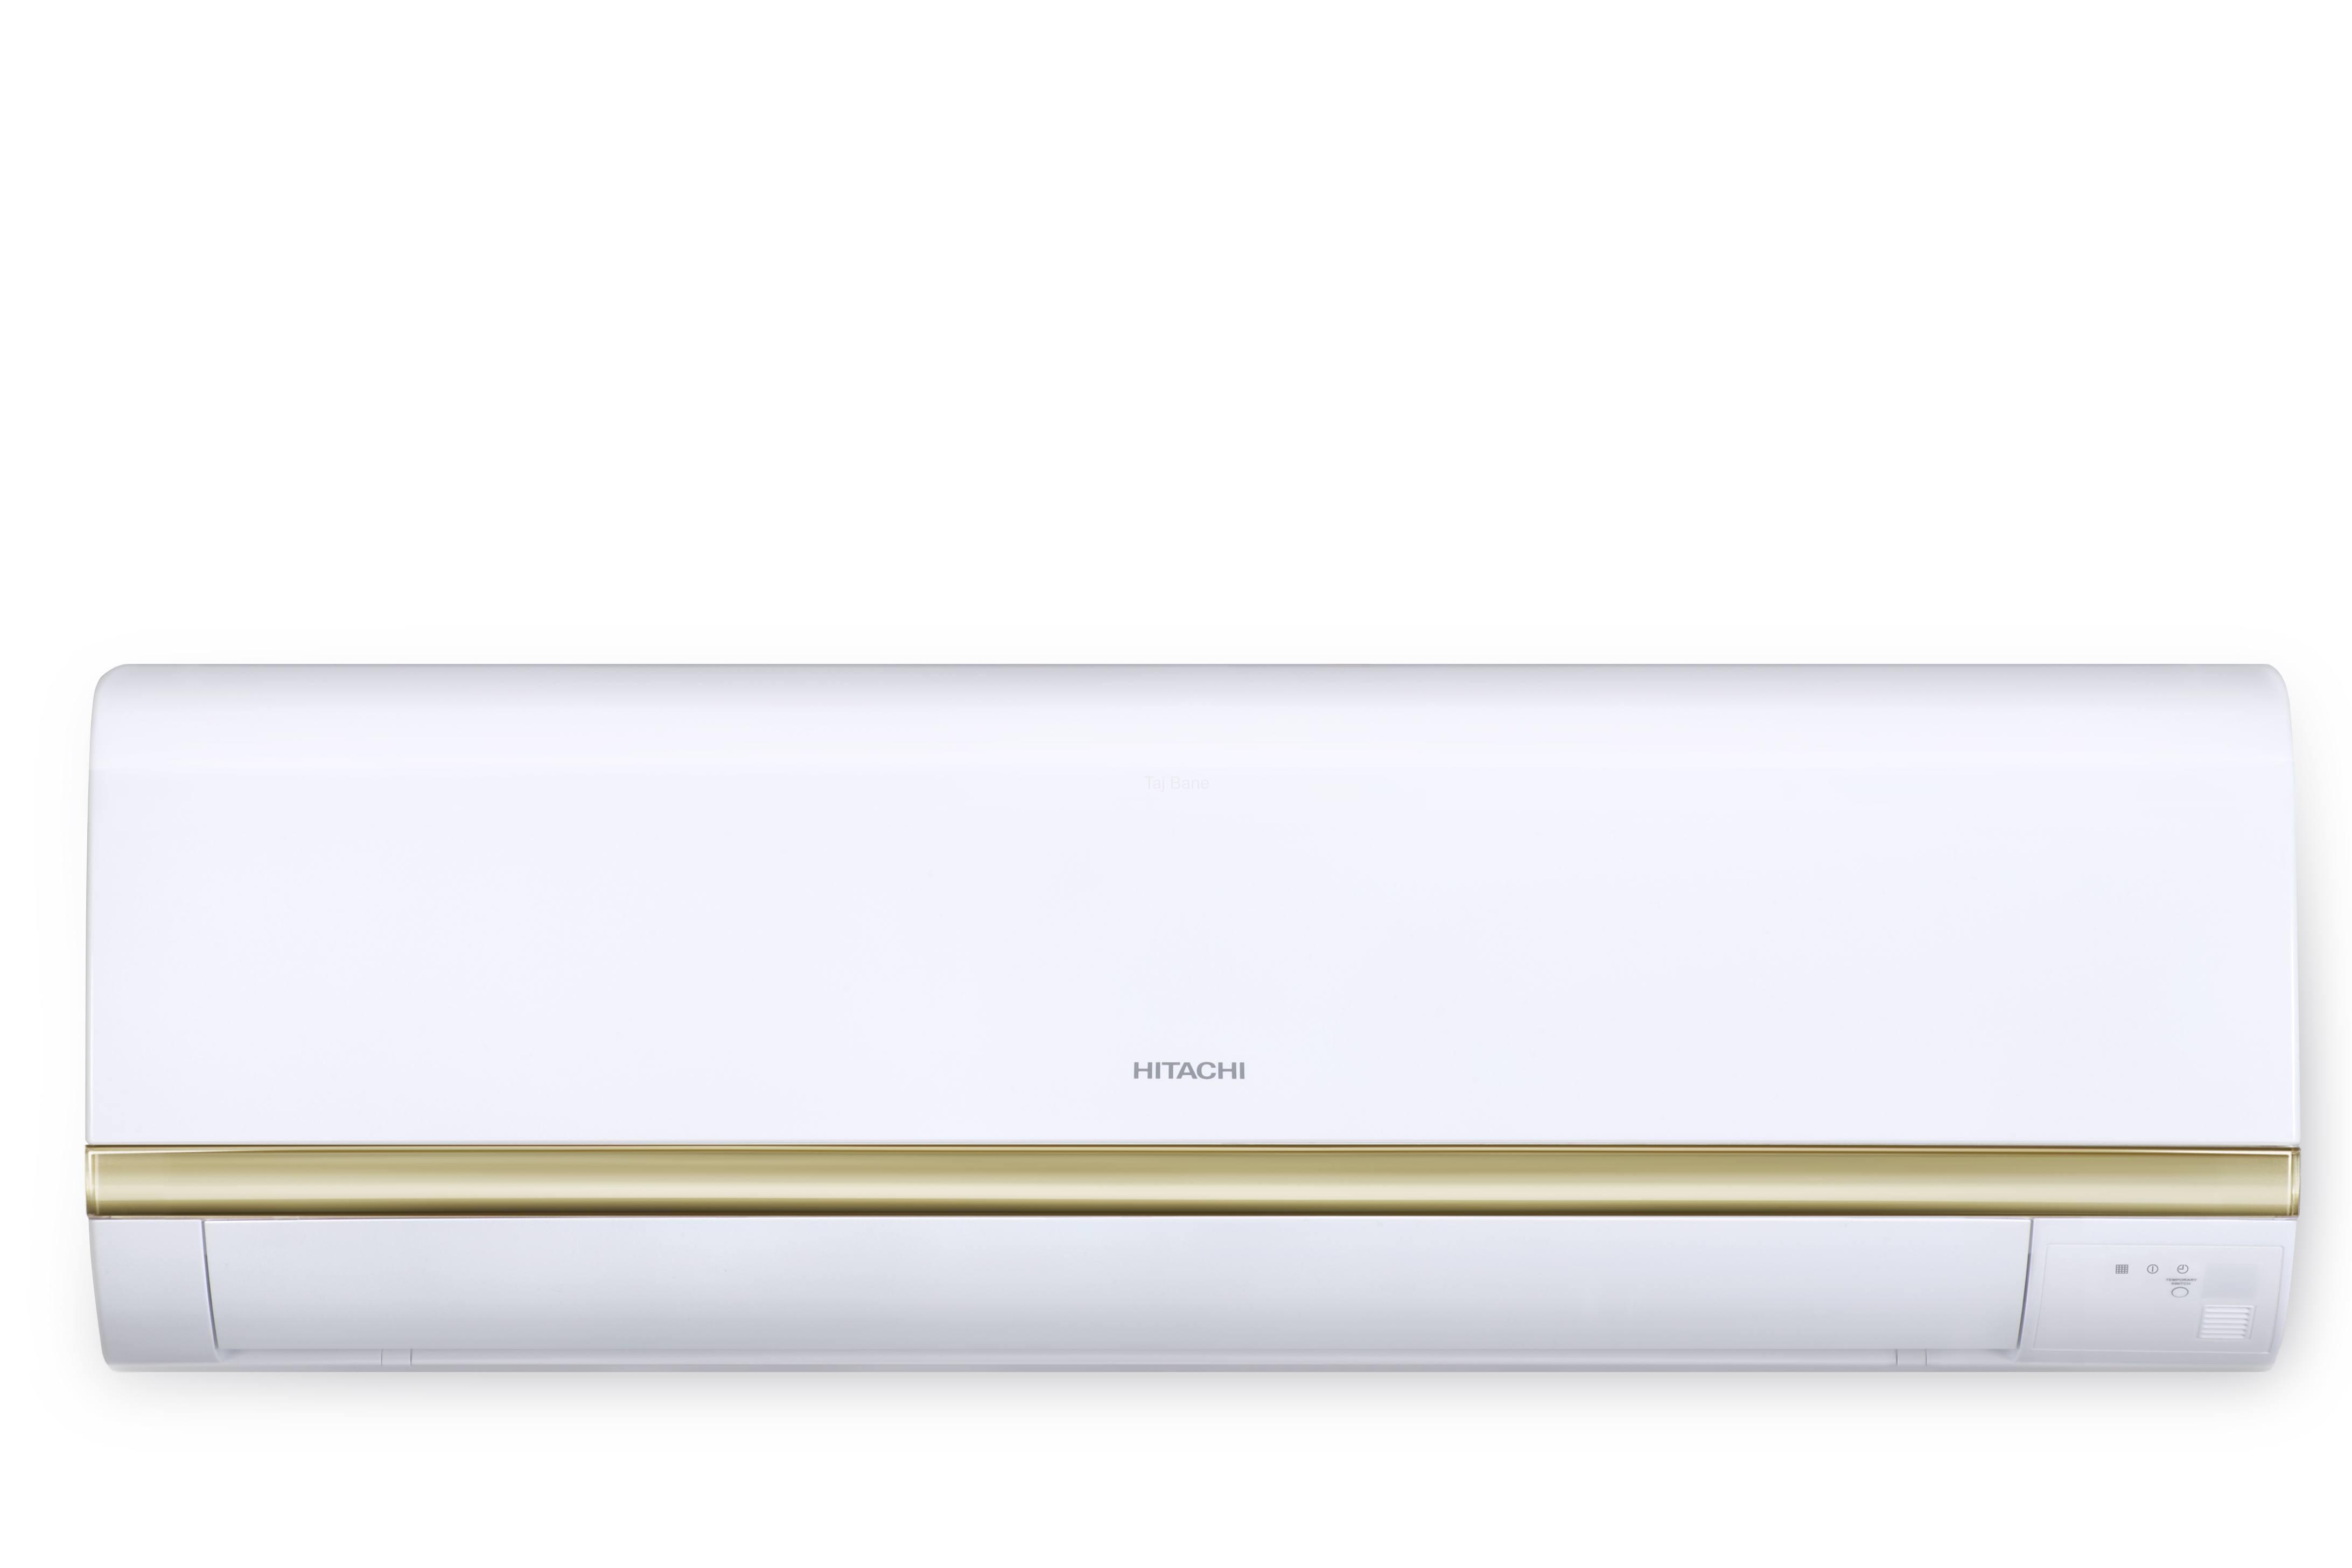 کولر گازی هیتاچی سرد و گرم 24000فیلتر دار HITACHI AIR CONDITIONER 24000 BTU RAS-S24HPA